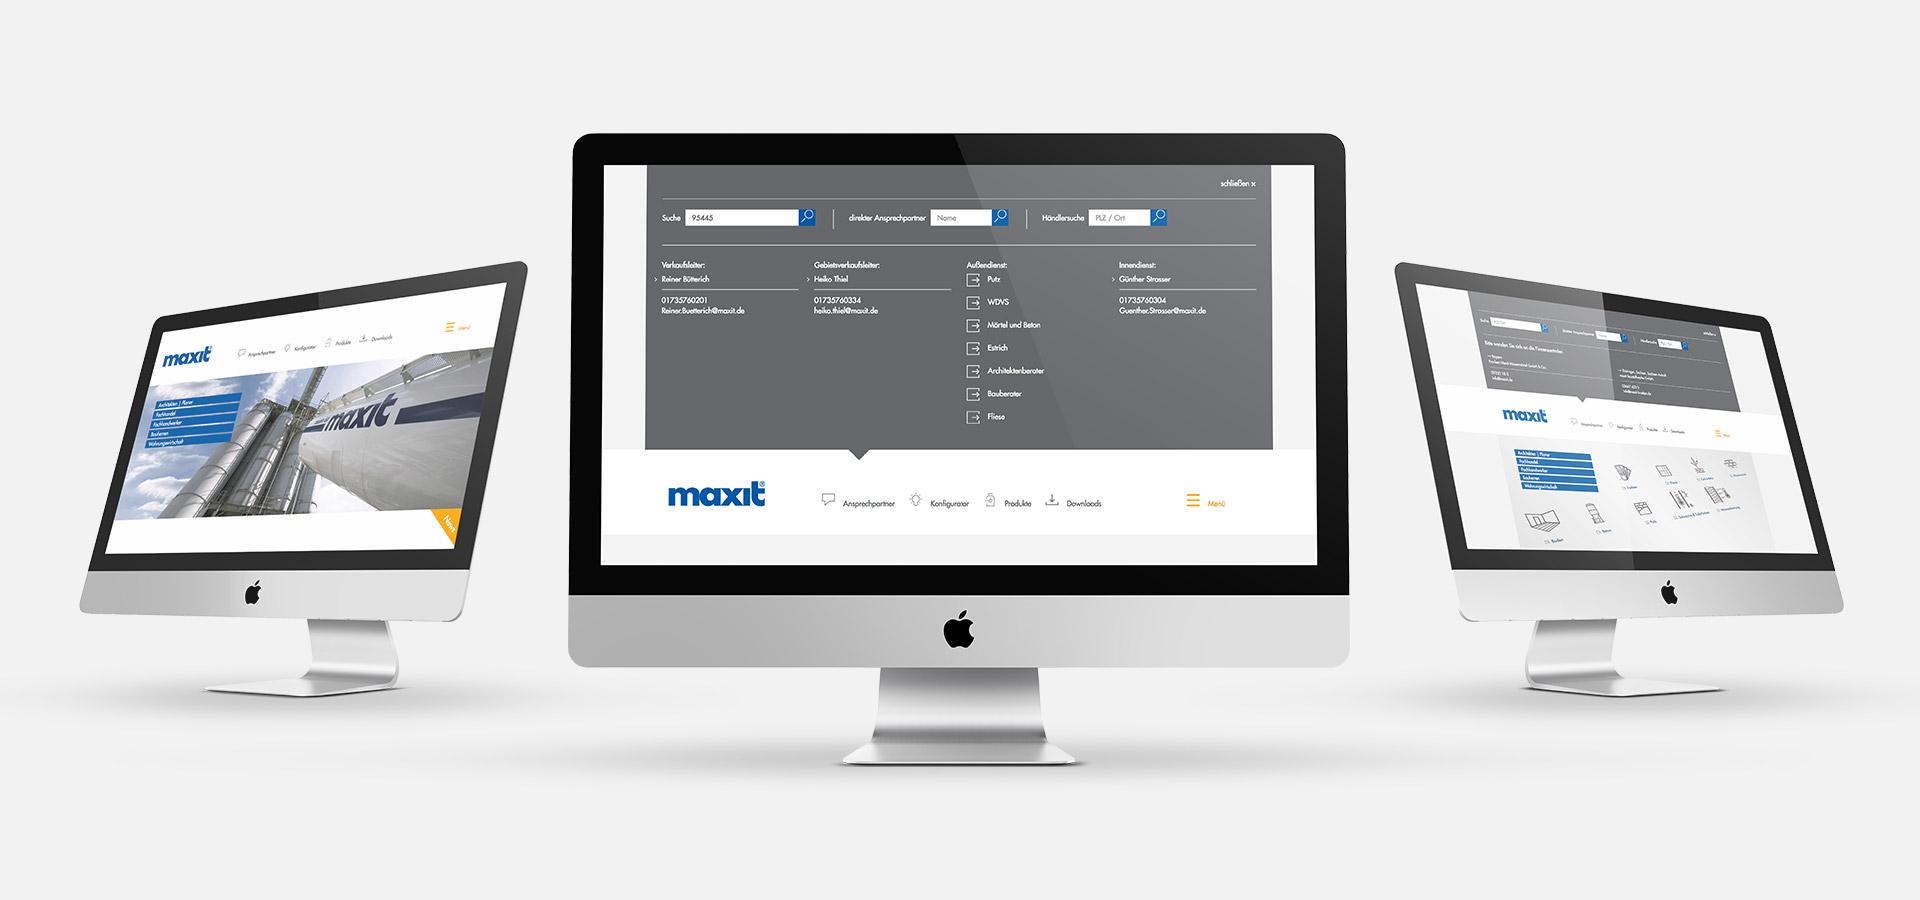 OPUS Marketing / Projekte / Maxit / Website / Ansprechpartnerfinder